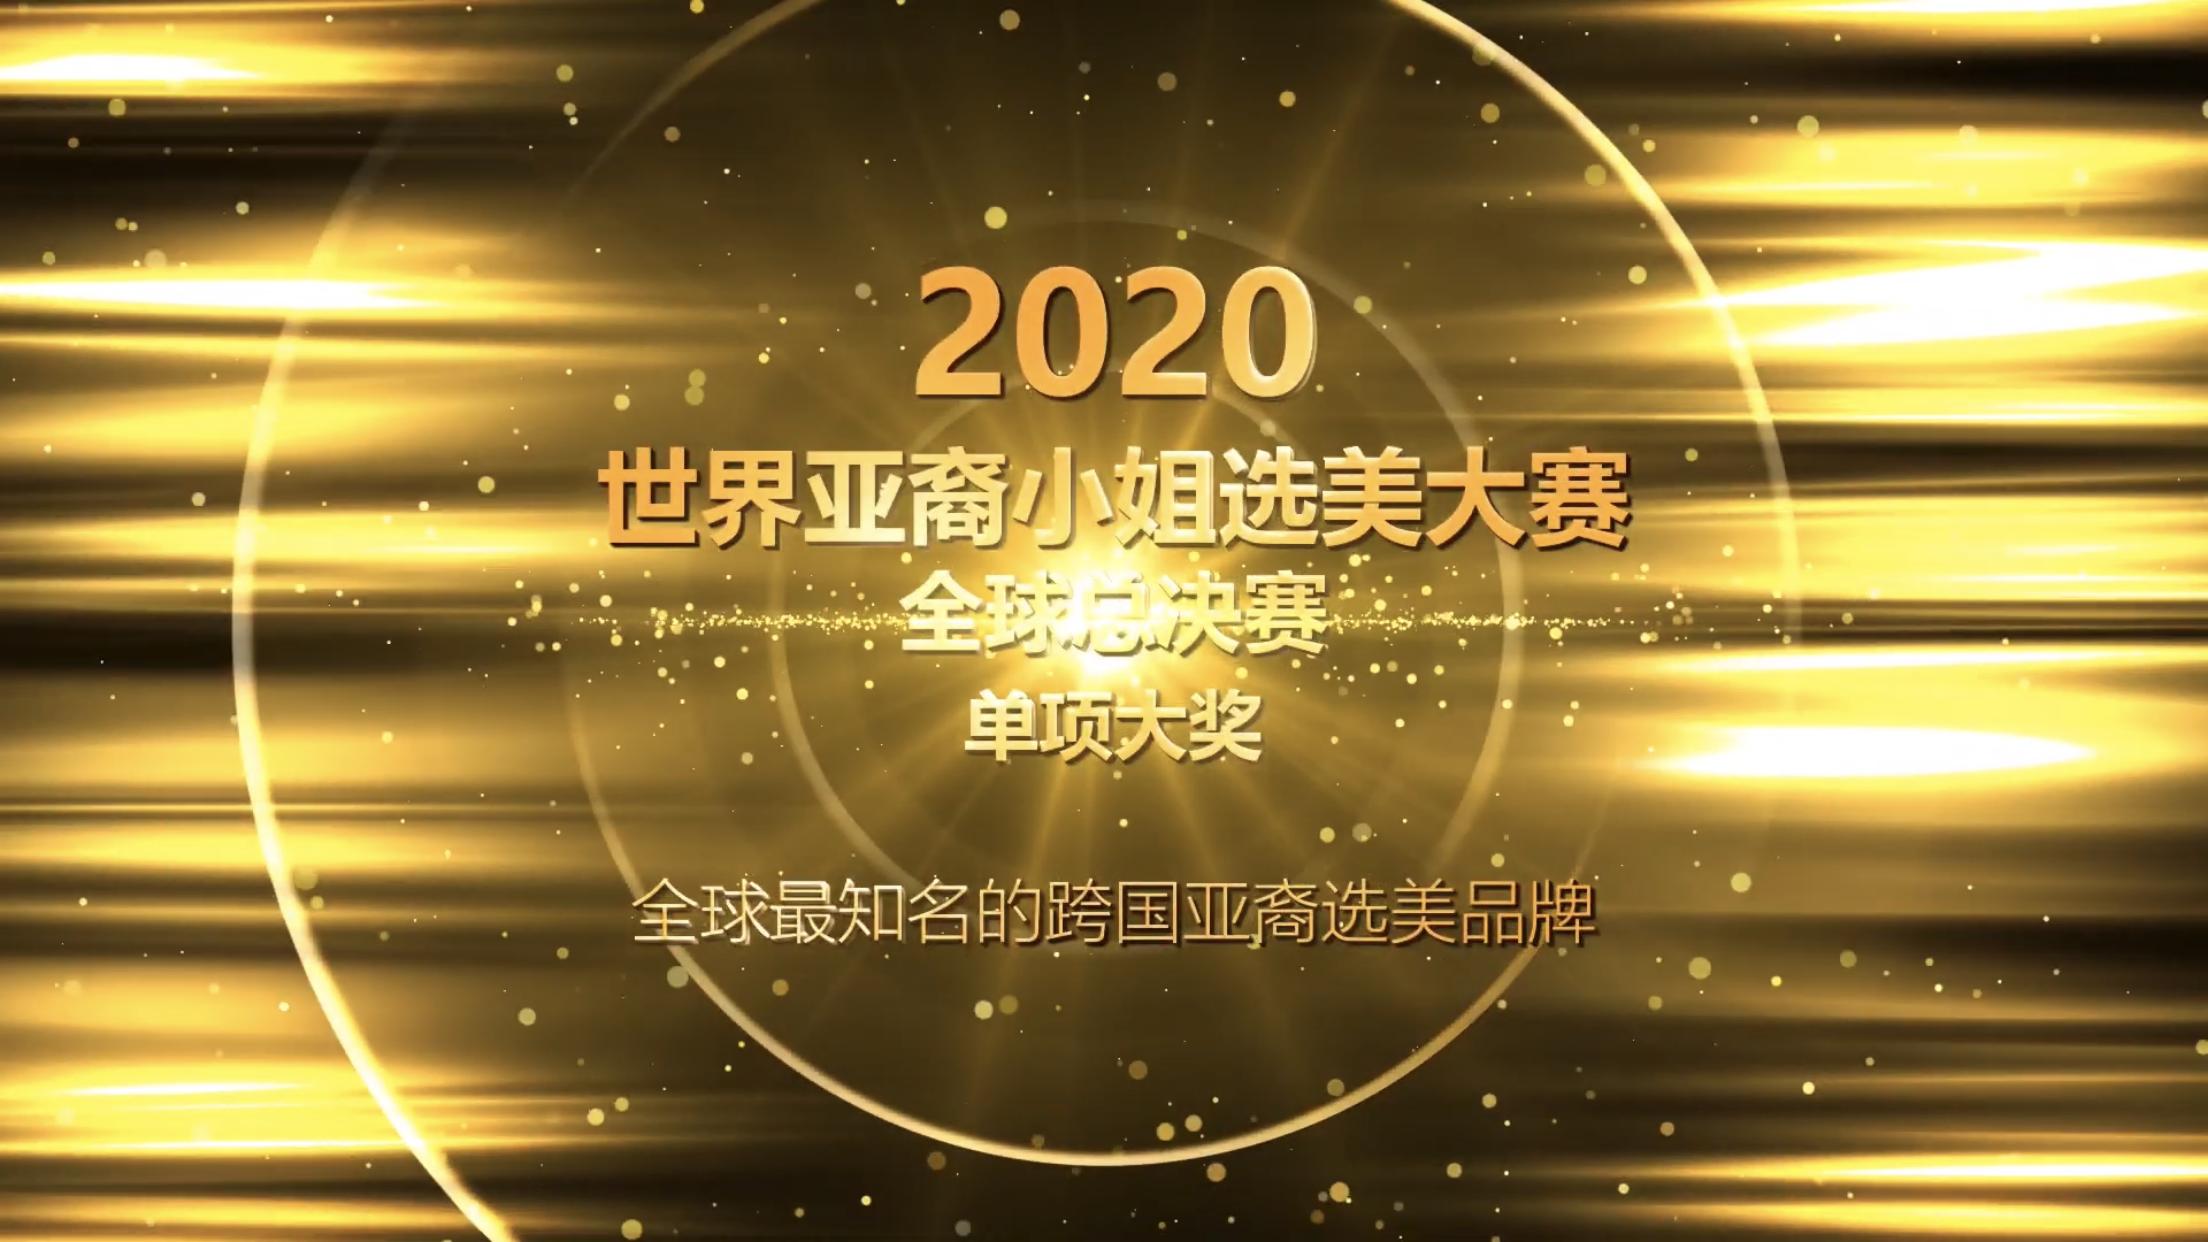 2020年第32届世界亚裔小姐全球总决赛成功落幕,各单项大奖得主出炉